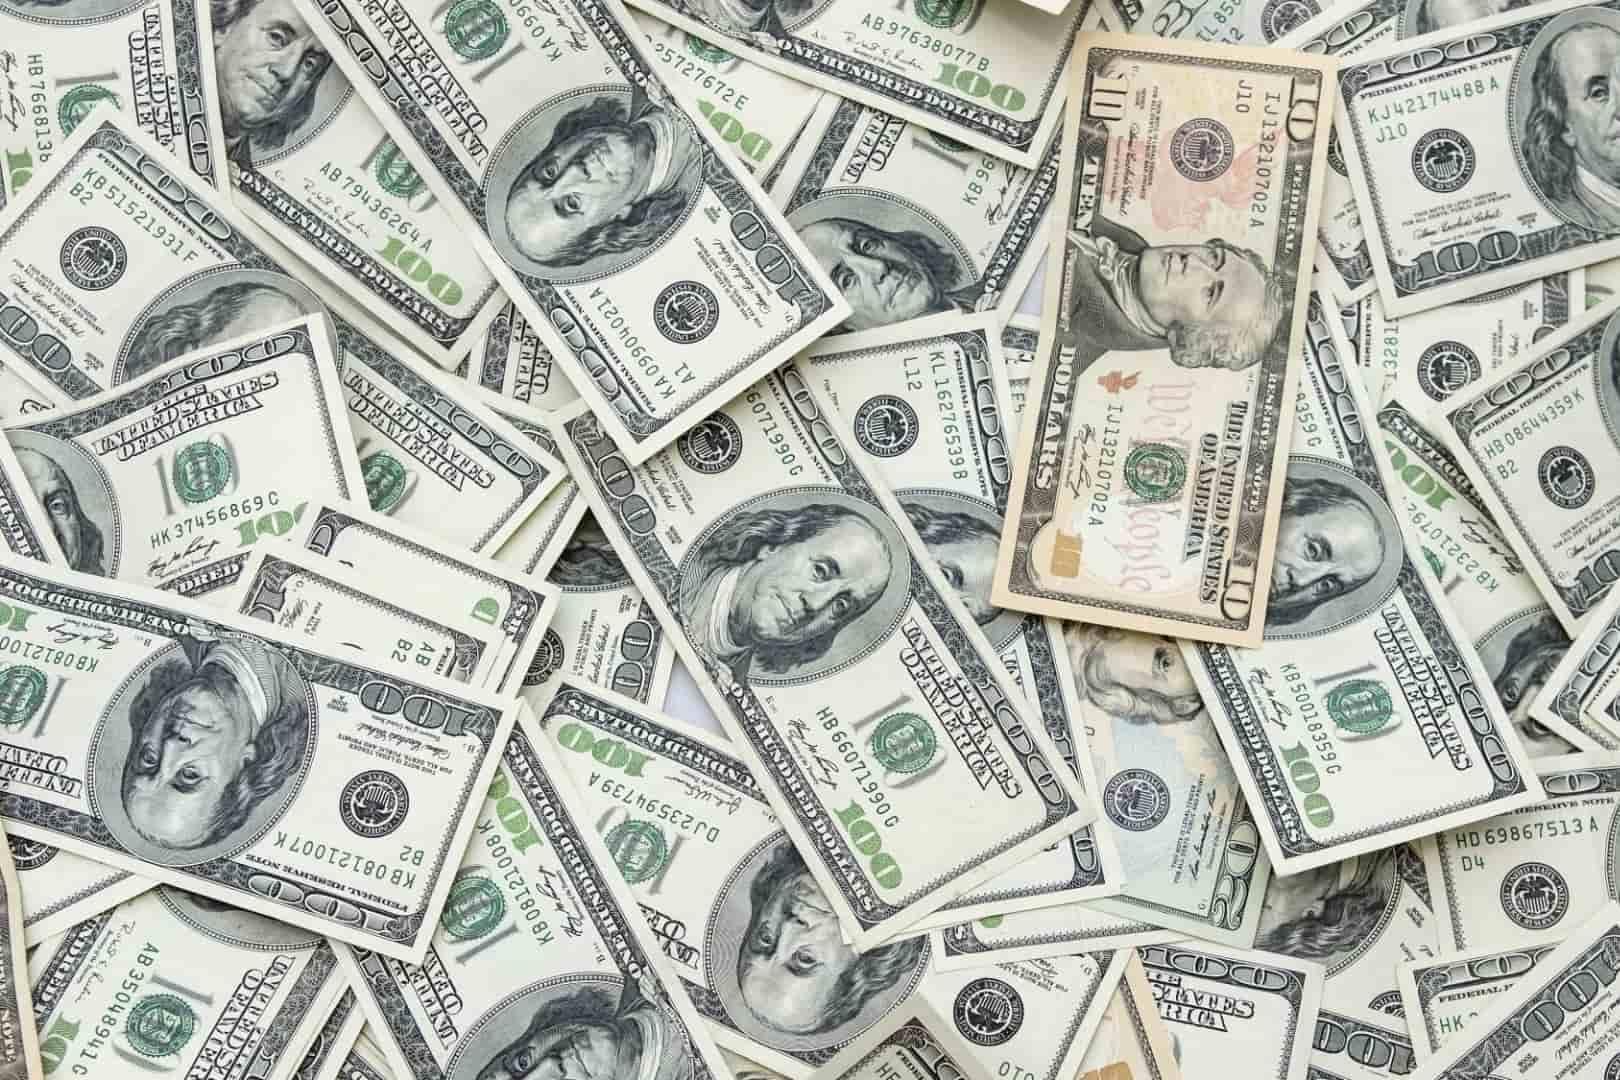 2 thói quen tiêu tiền người giàu luôn tránh nhưng người nghèo lại dễ mắc